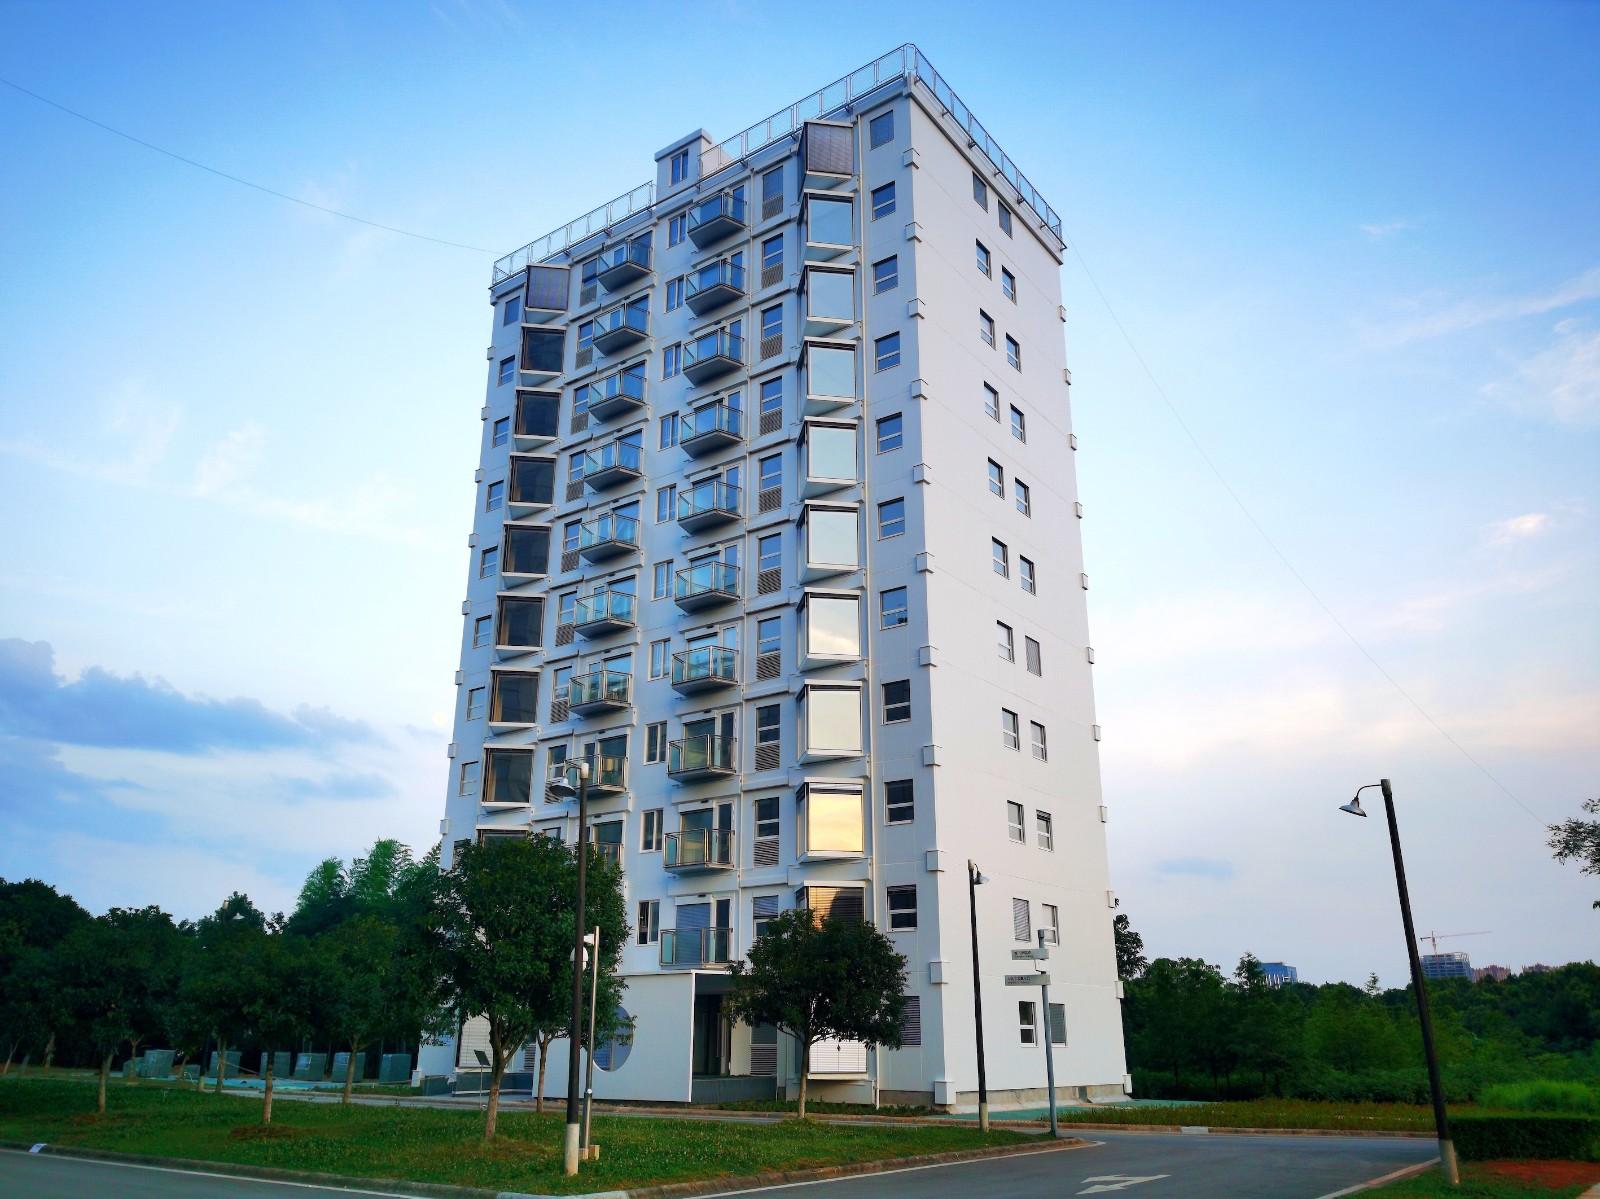 7月28日,城市邻居们齐聚活楼里Holonly,探索邻碳社区的共建